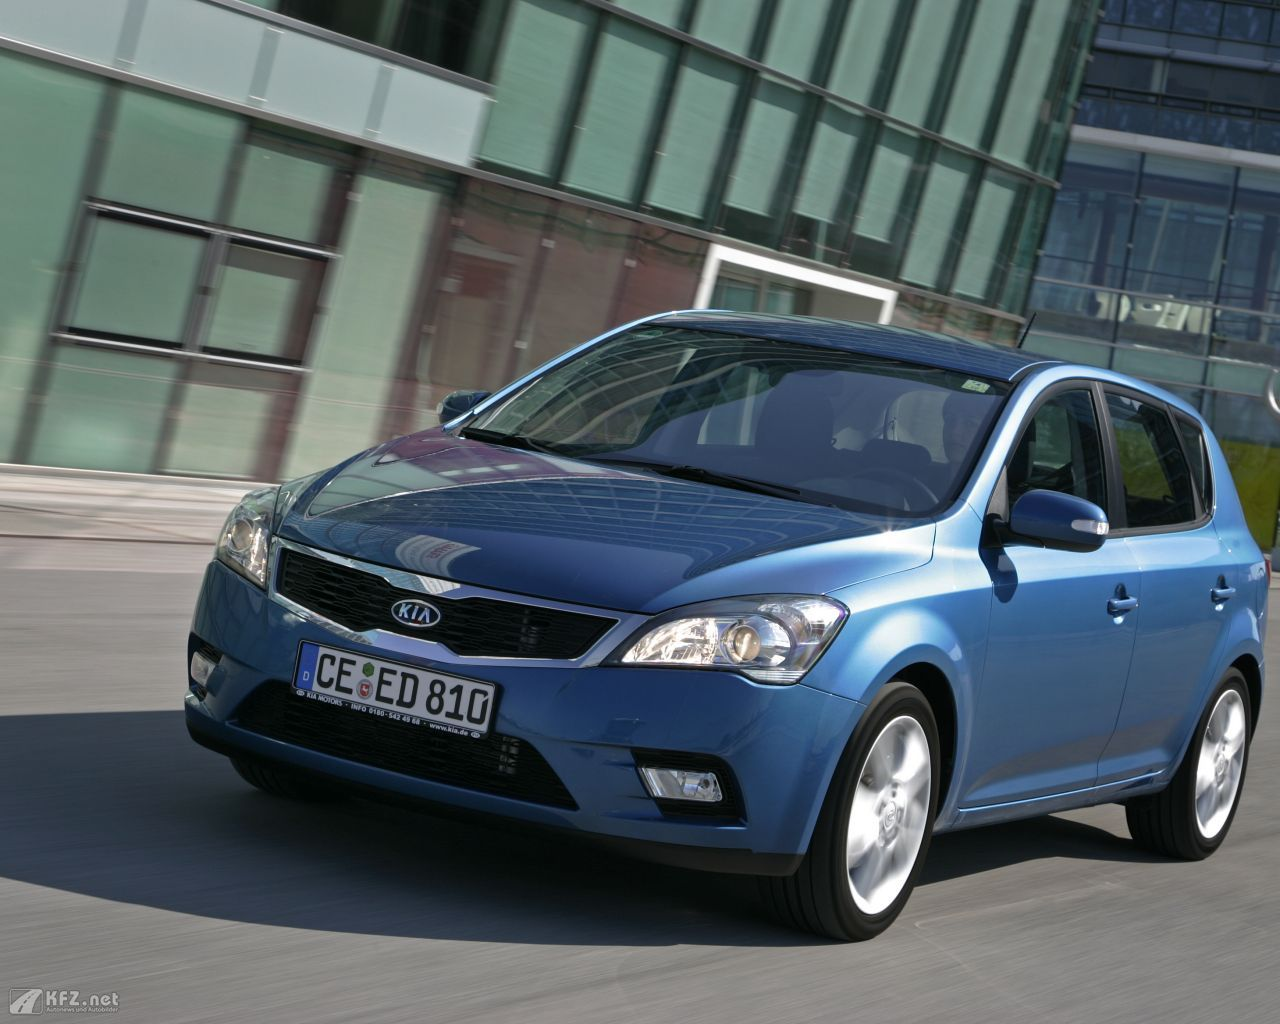 Kia ceed Bilder. Über 250.000 verkauft Fahrzeuge! (mit